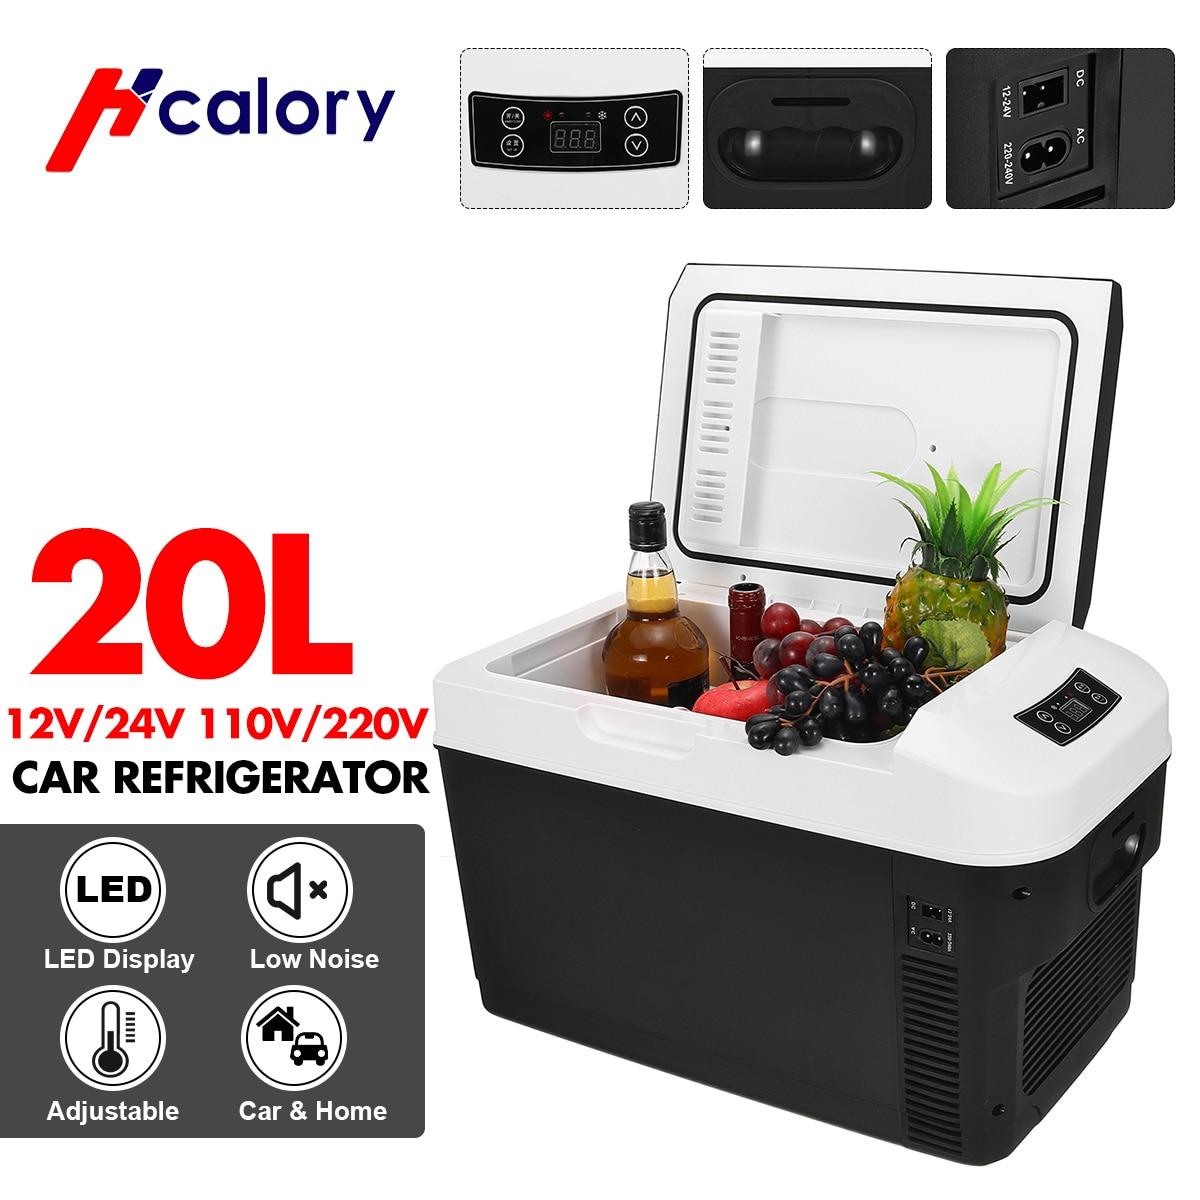 20 л автомобильный домашний автомобильный холодильник, мини-холодильники, 12/24 В постоянного тока, охлаждающий нагреватель, сохраняющий свежесть для автомобиля, дома, пиник, кемпинг, 220 В переменного тока 1